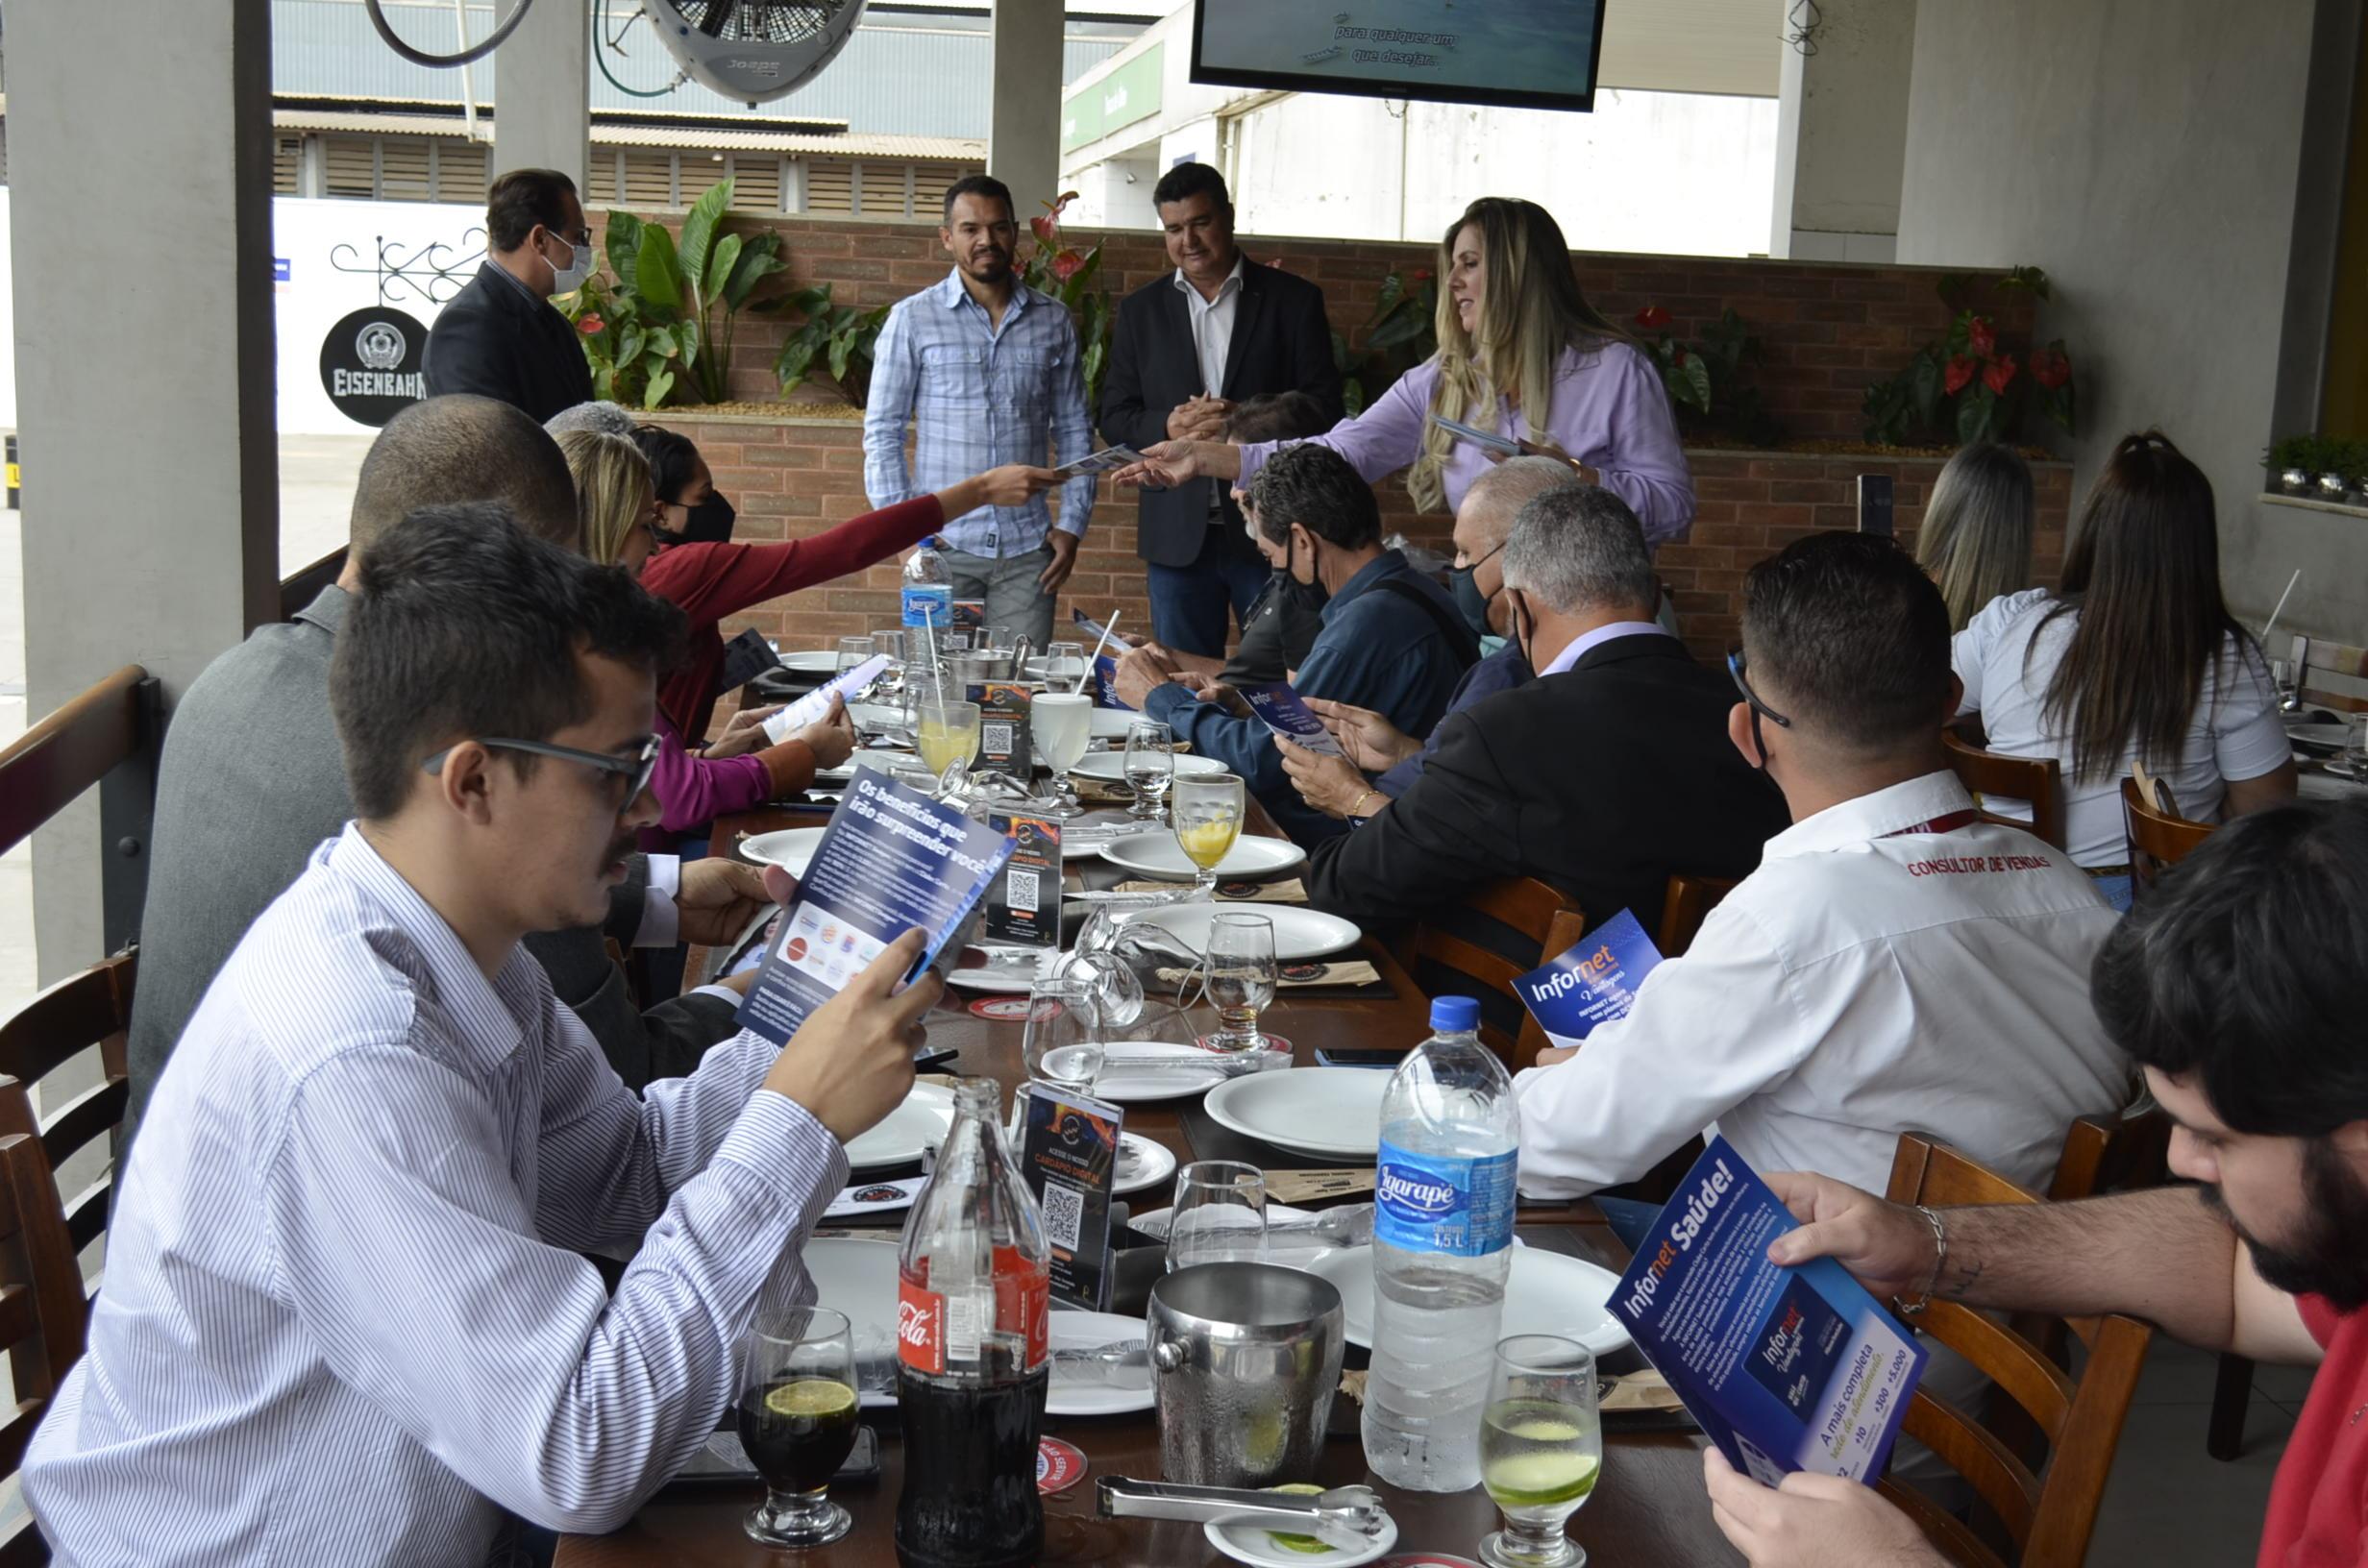 Infornet reúne imprensa e anuncia expansão de negócios e novidades